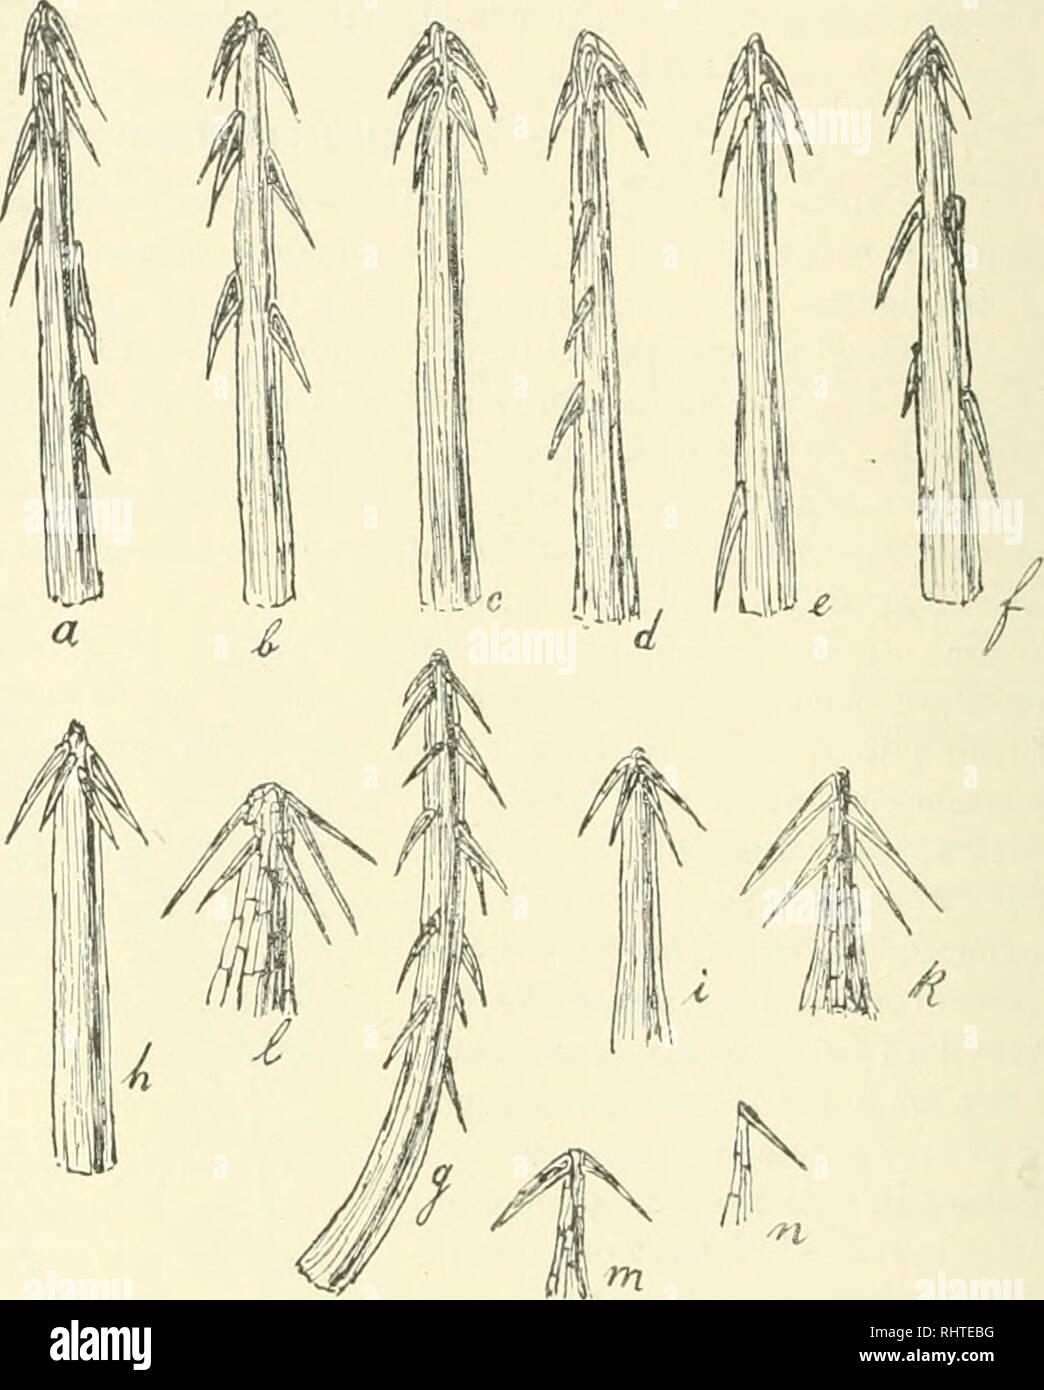 . Bibliotheca botanica. Plants. loG Als Heimat der .1. qlnurophylhi ist wahrseheinlich Patagonien oder Feuerland an/.us(>lii'n, woher sie, wie ich glaube, durch Düsen nach dem Hortus Bergianus zu Albano-Stockholm und dem Bota- nischen Garten Upsala als A. laevigatu in Gestalt von Früchten importiert sein mag. Ich habe sie seit mehreren Jahren in Kultur. Ihre große Widerstandsfähigkeit gegen die Kälte des Winters läßt jedenfalls auf eine unserem norddeutschen Klima entsprechende Heimat schließen. Besonderen Nachdruck muß ich hier darauf legen, daß außer den vier kräftigeren Stacheln in dem Z Stock Photo